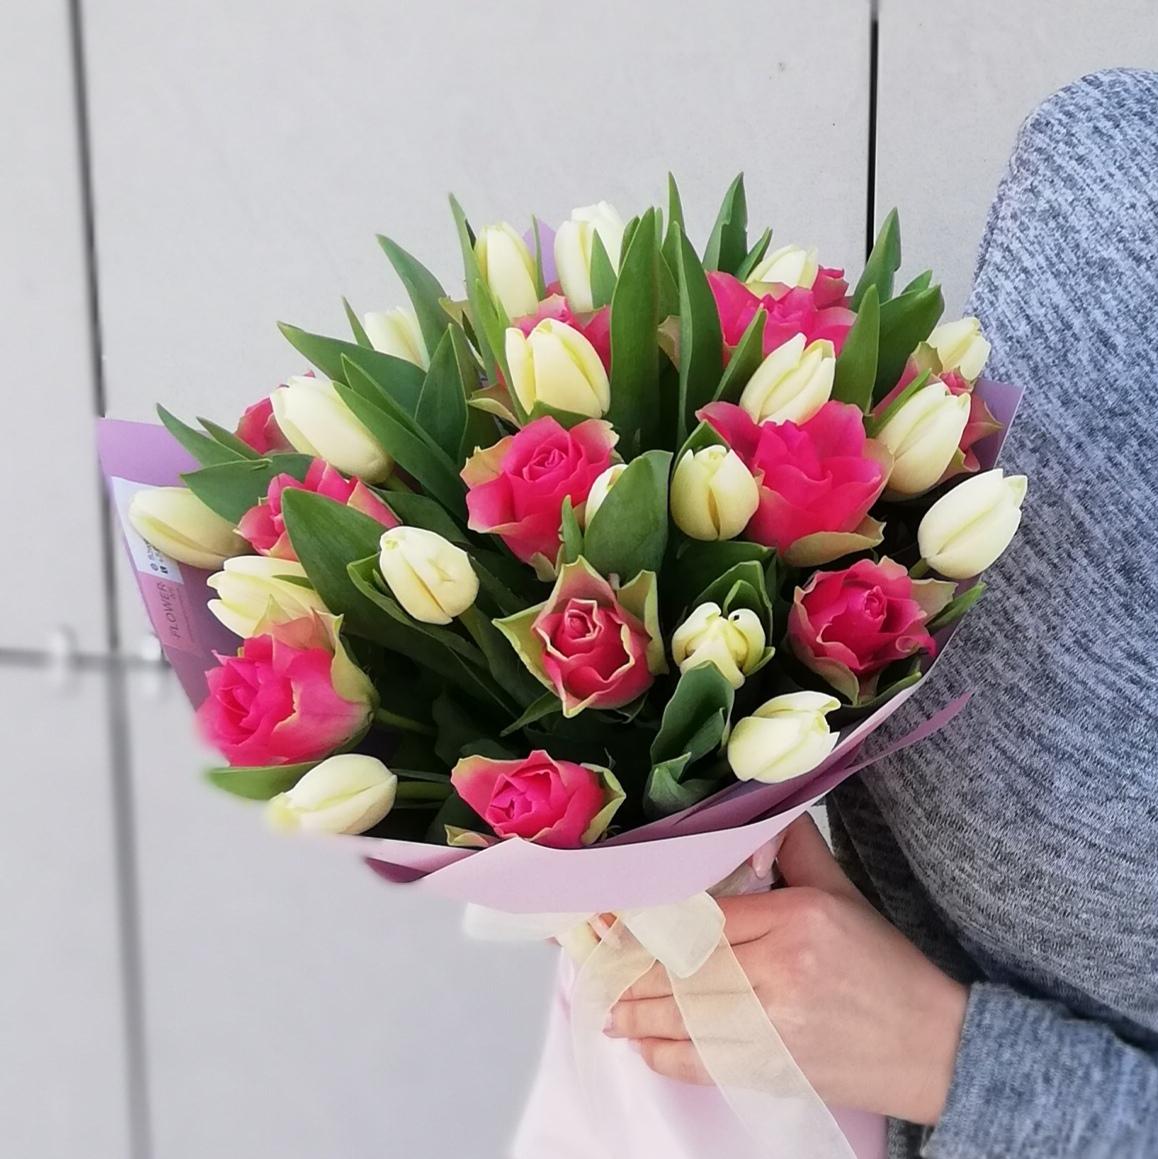 вход букеты из роз и тюльпанов картинки фото являются